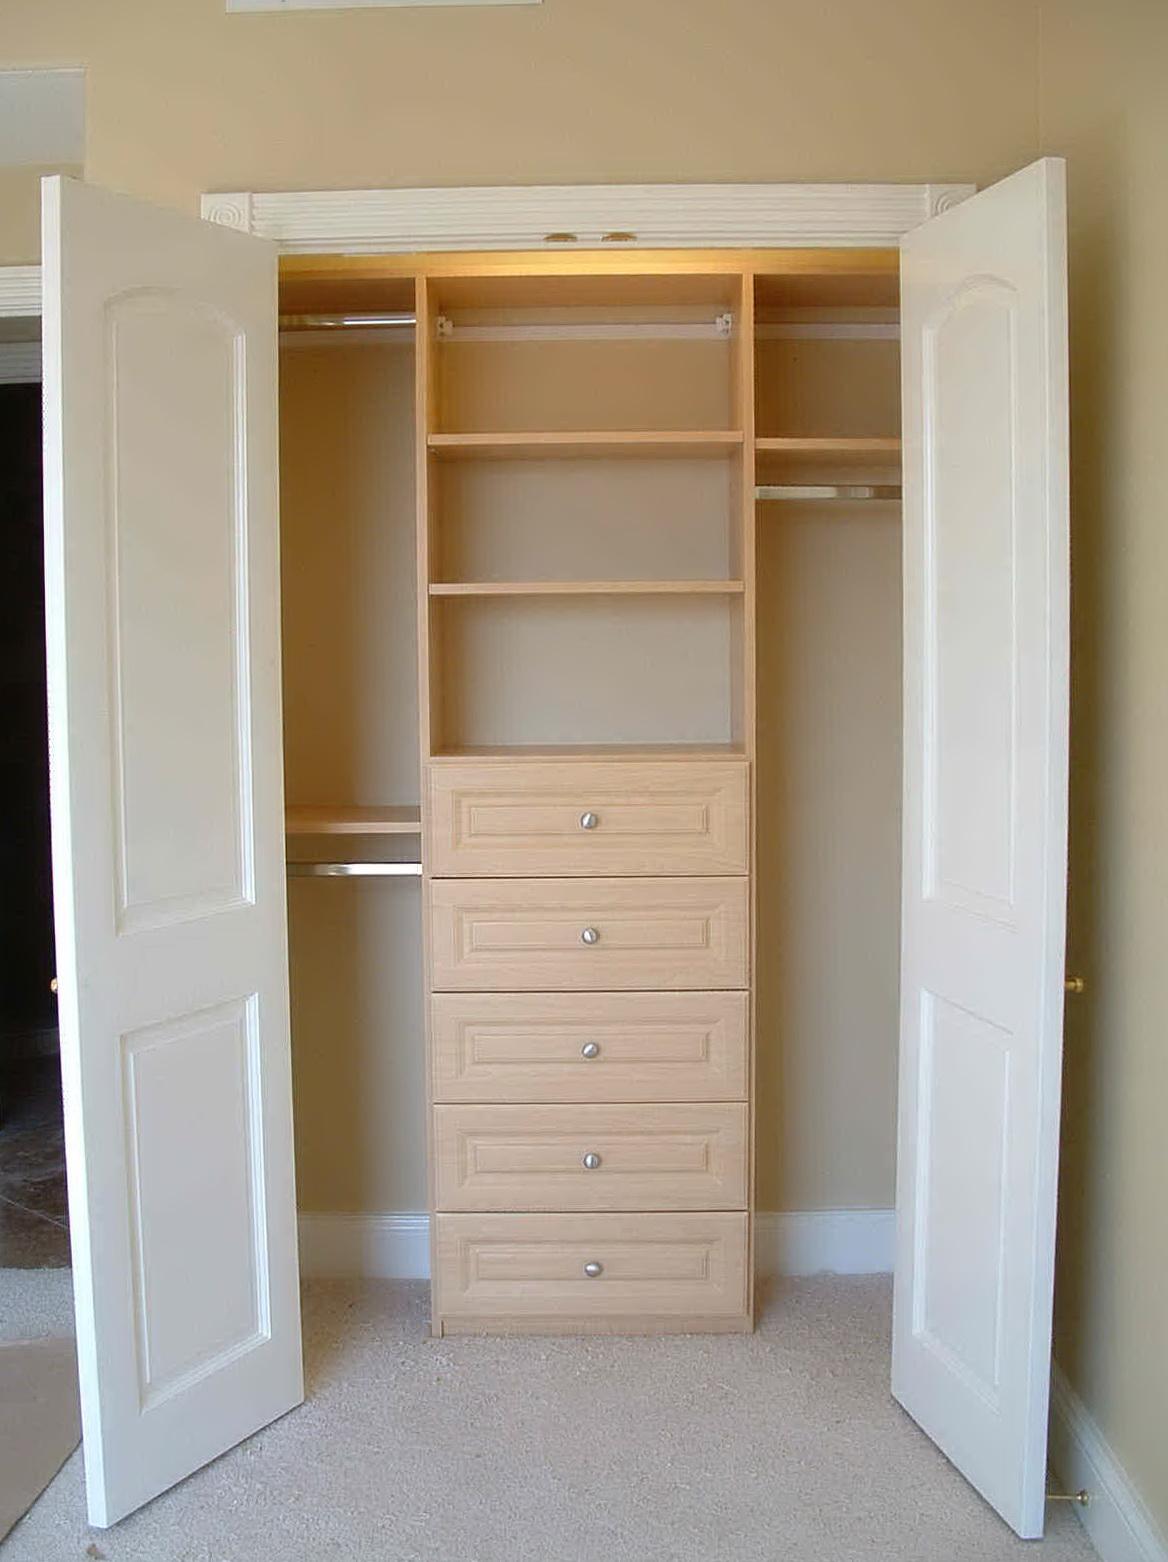 Design Your Closet Space